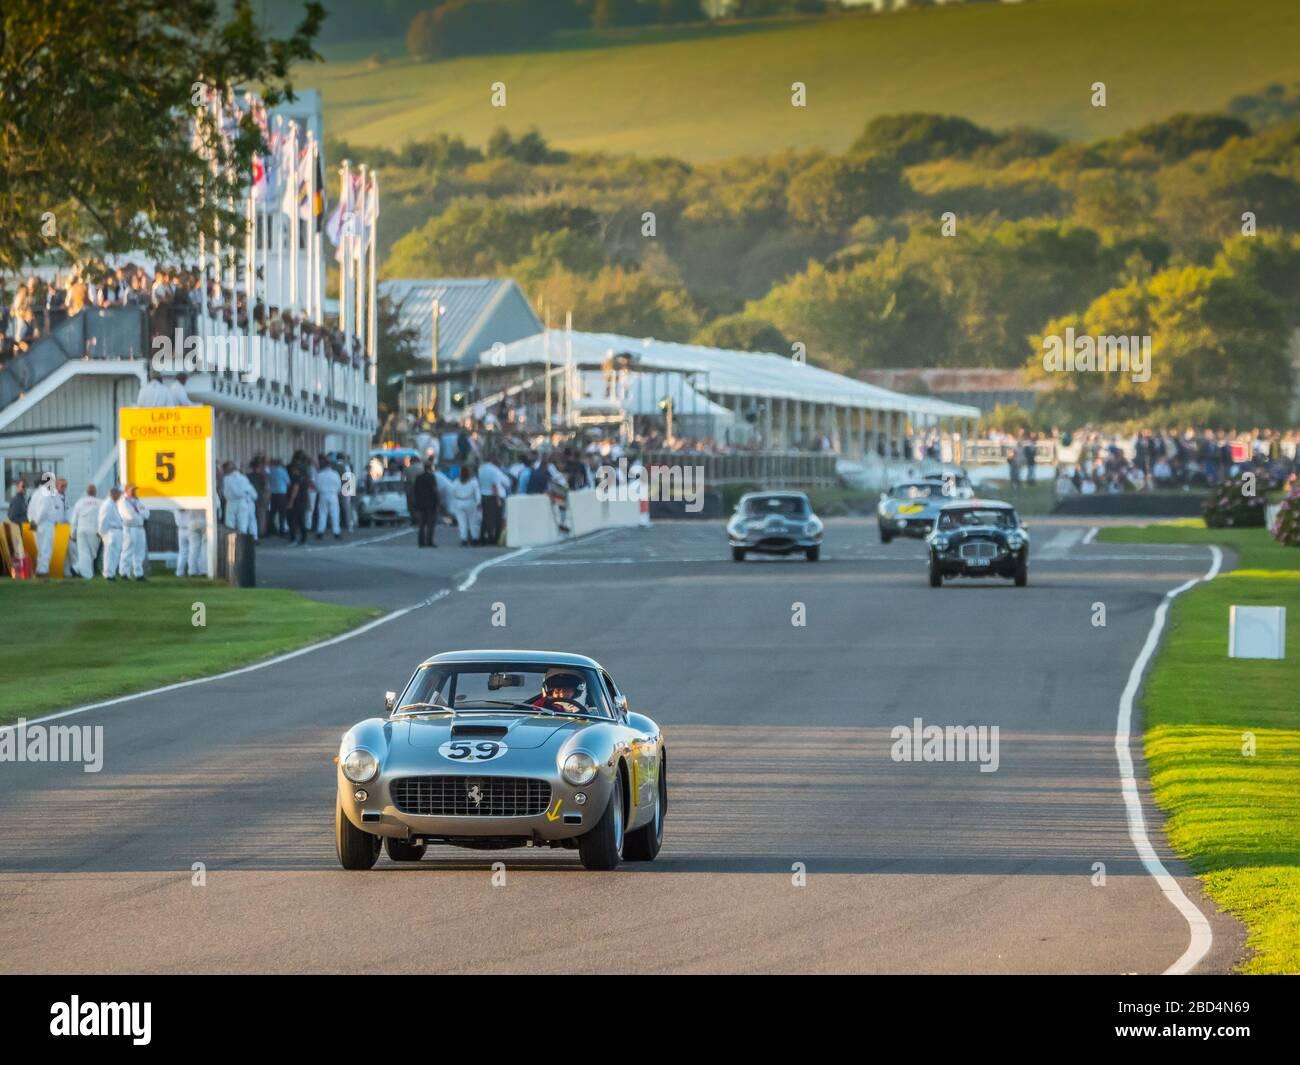 Ferrari 250 GT, Kinrara Trophy race , Goodwood Revival 2019 West Sussex Royaume-Uni Banque D'Images